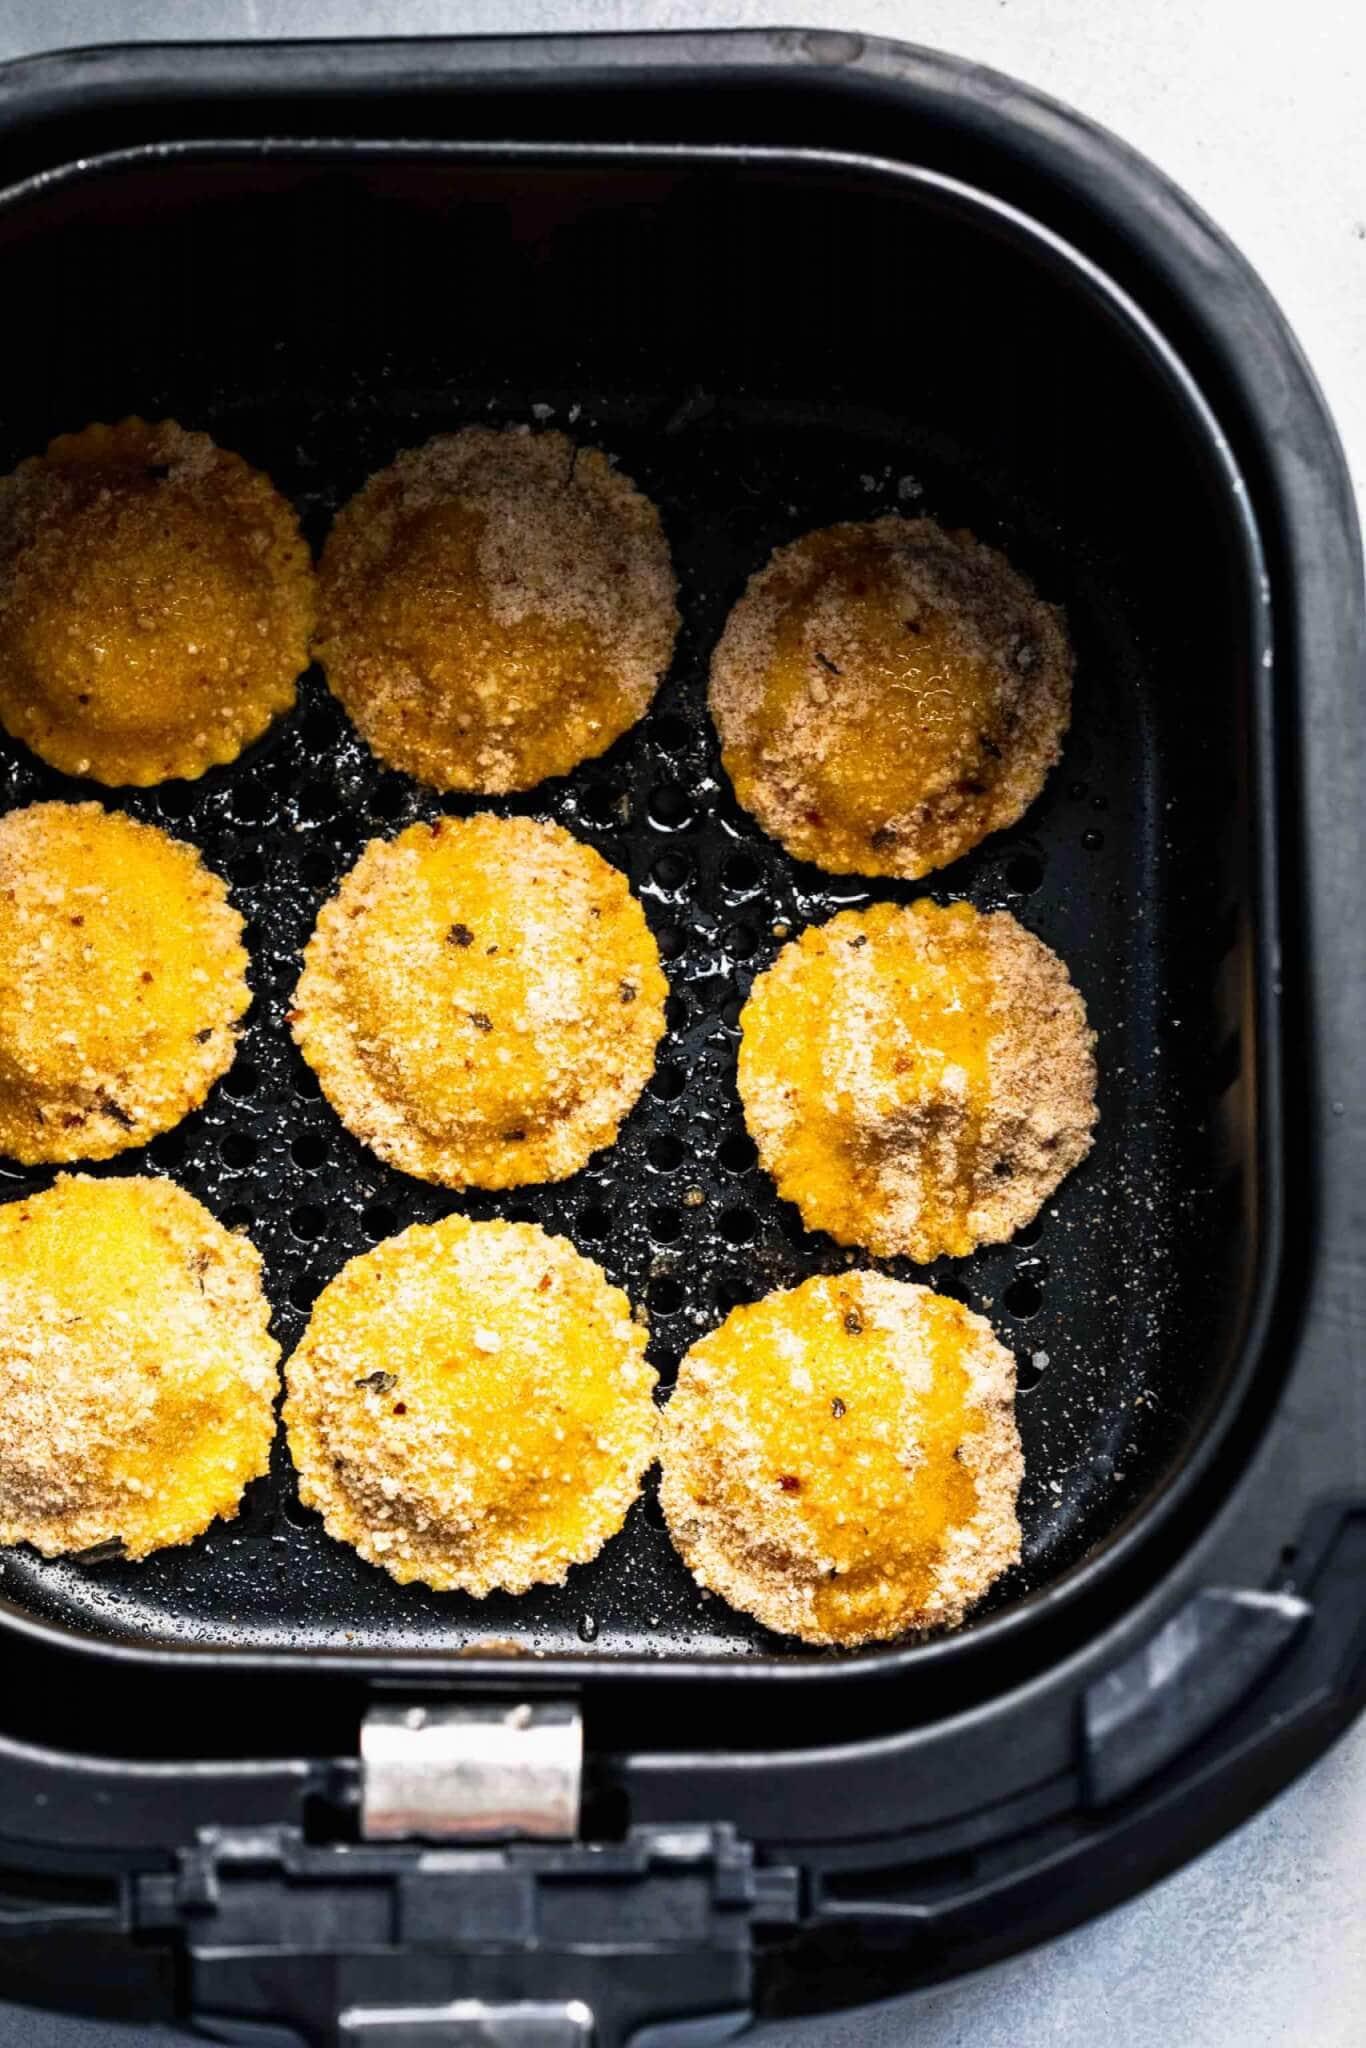 Breaded ravioli in air fryer basket.